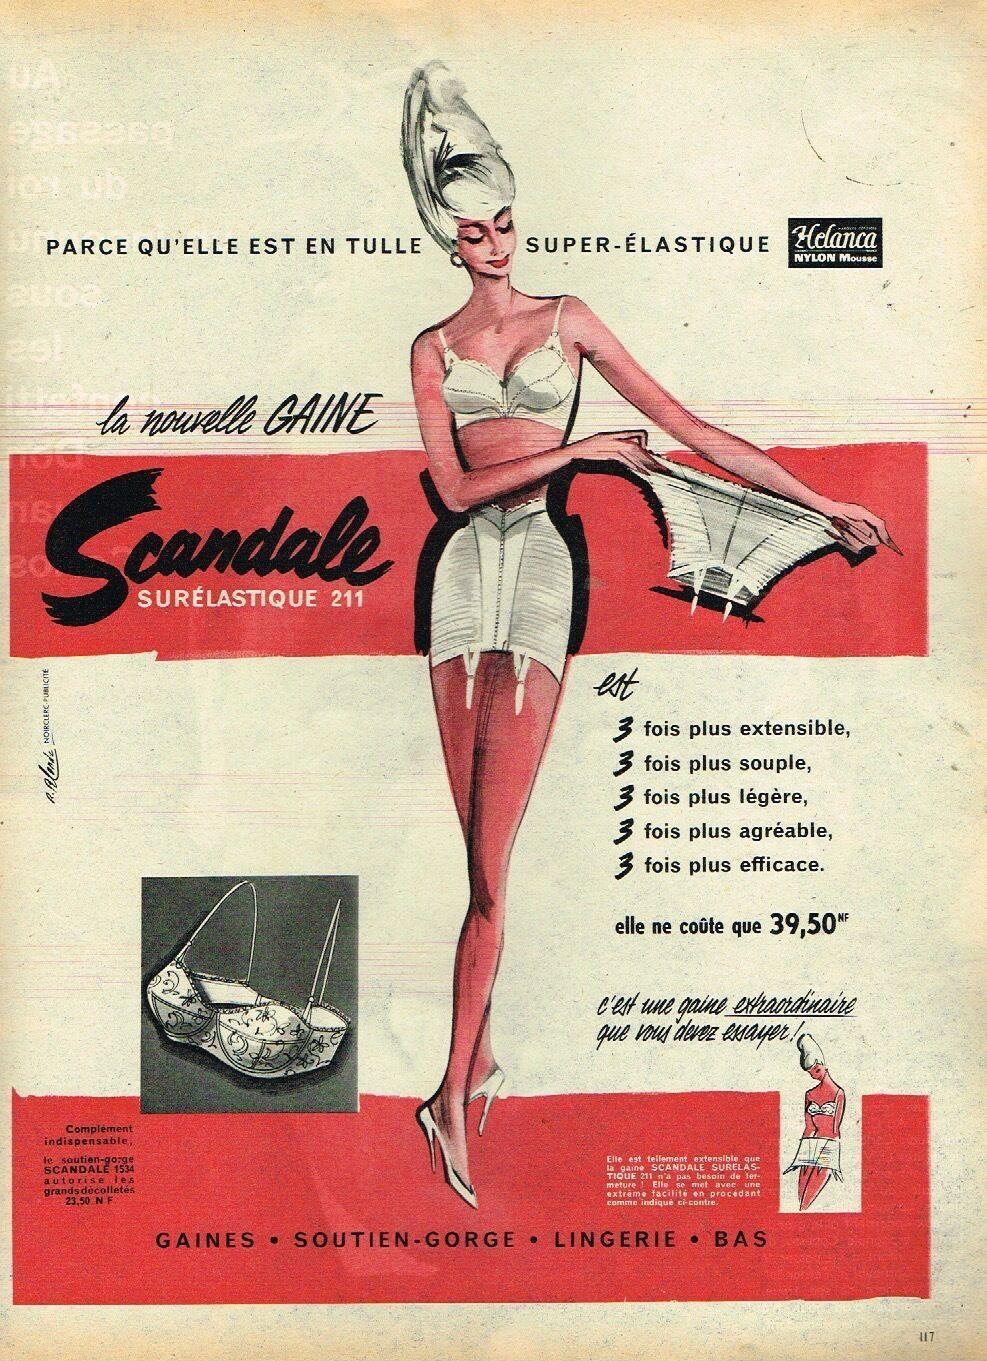 scandale 1960 roger blonde Surelastique 211 A1